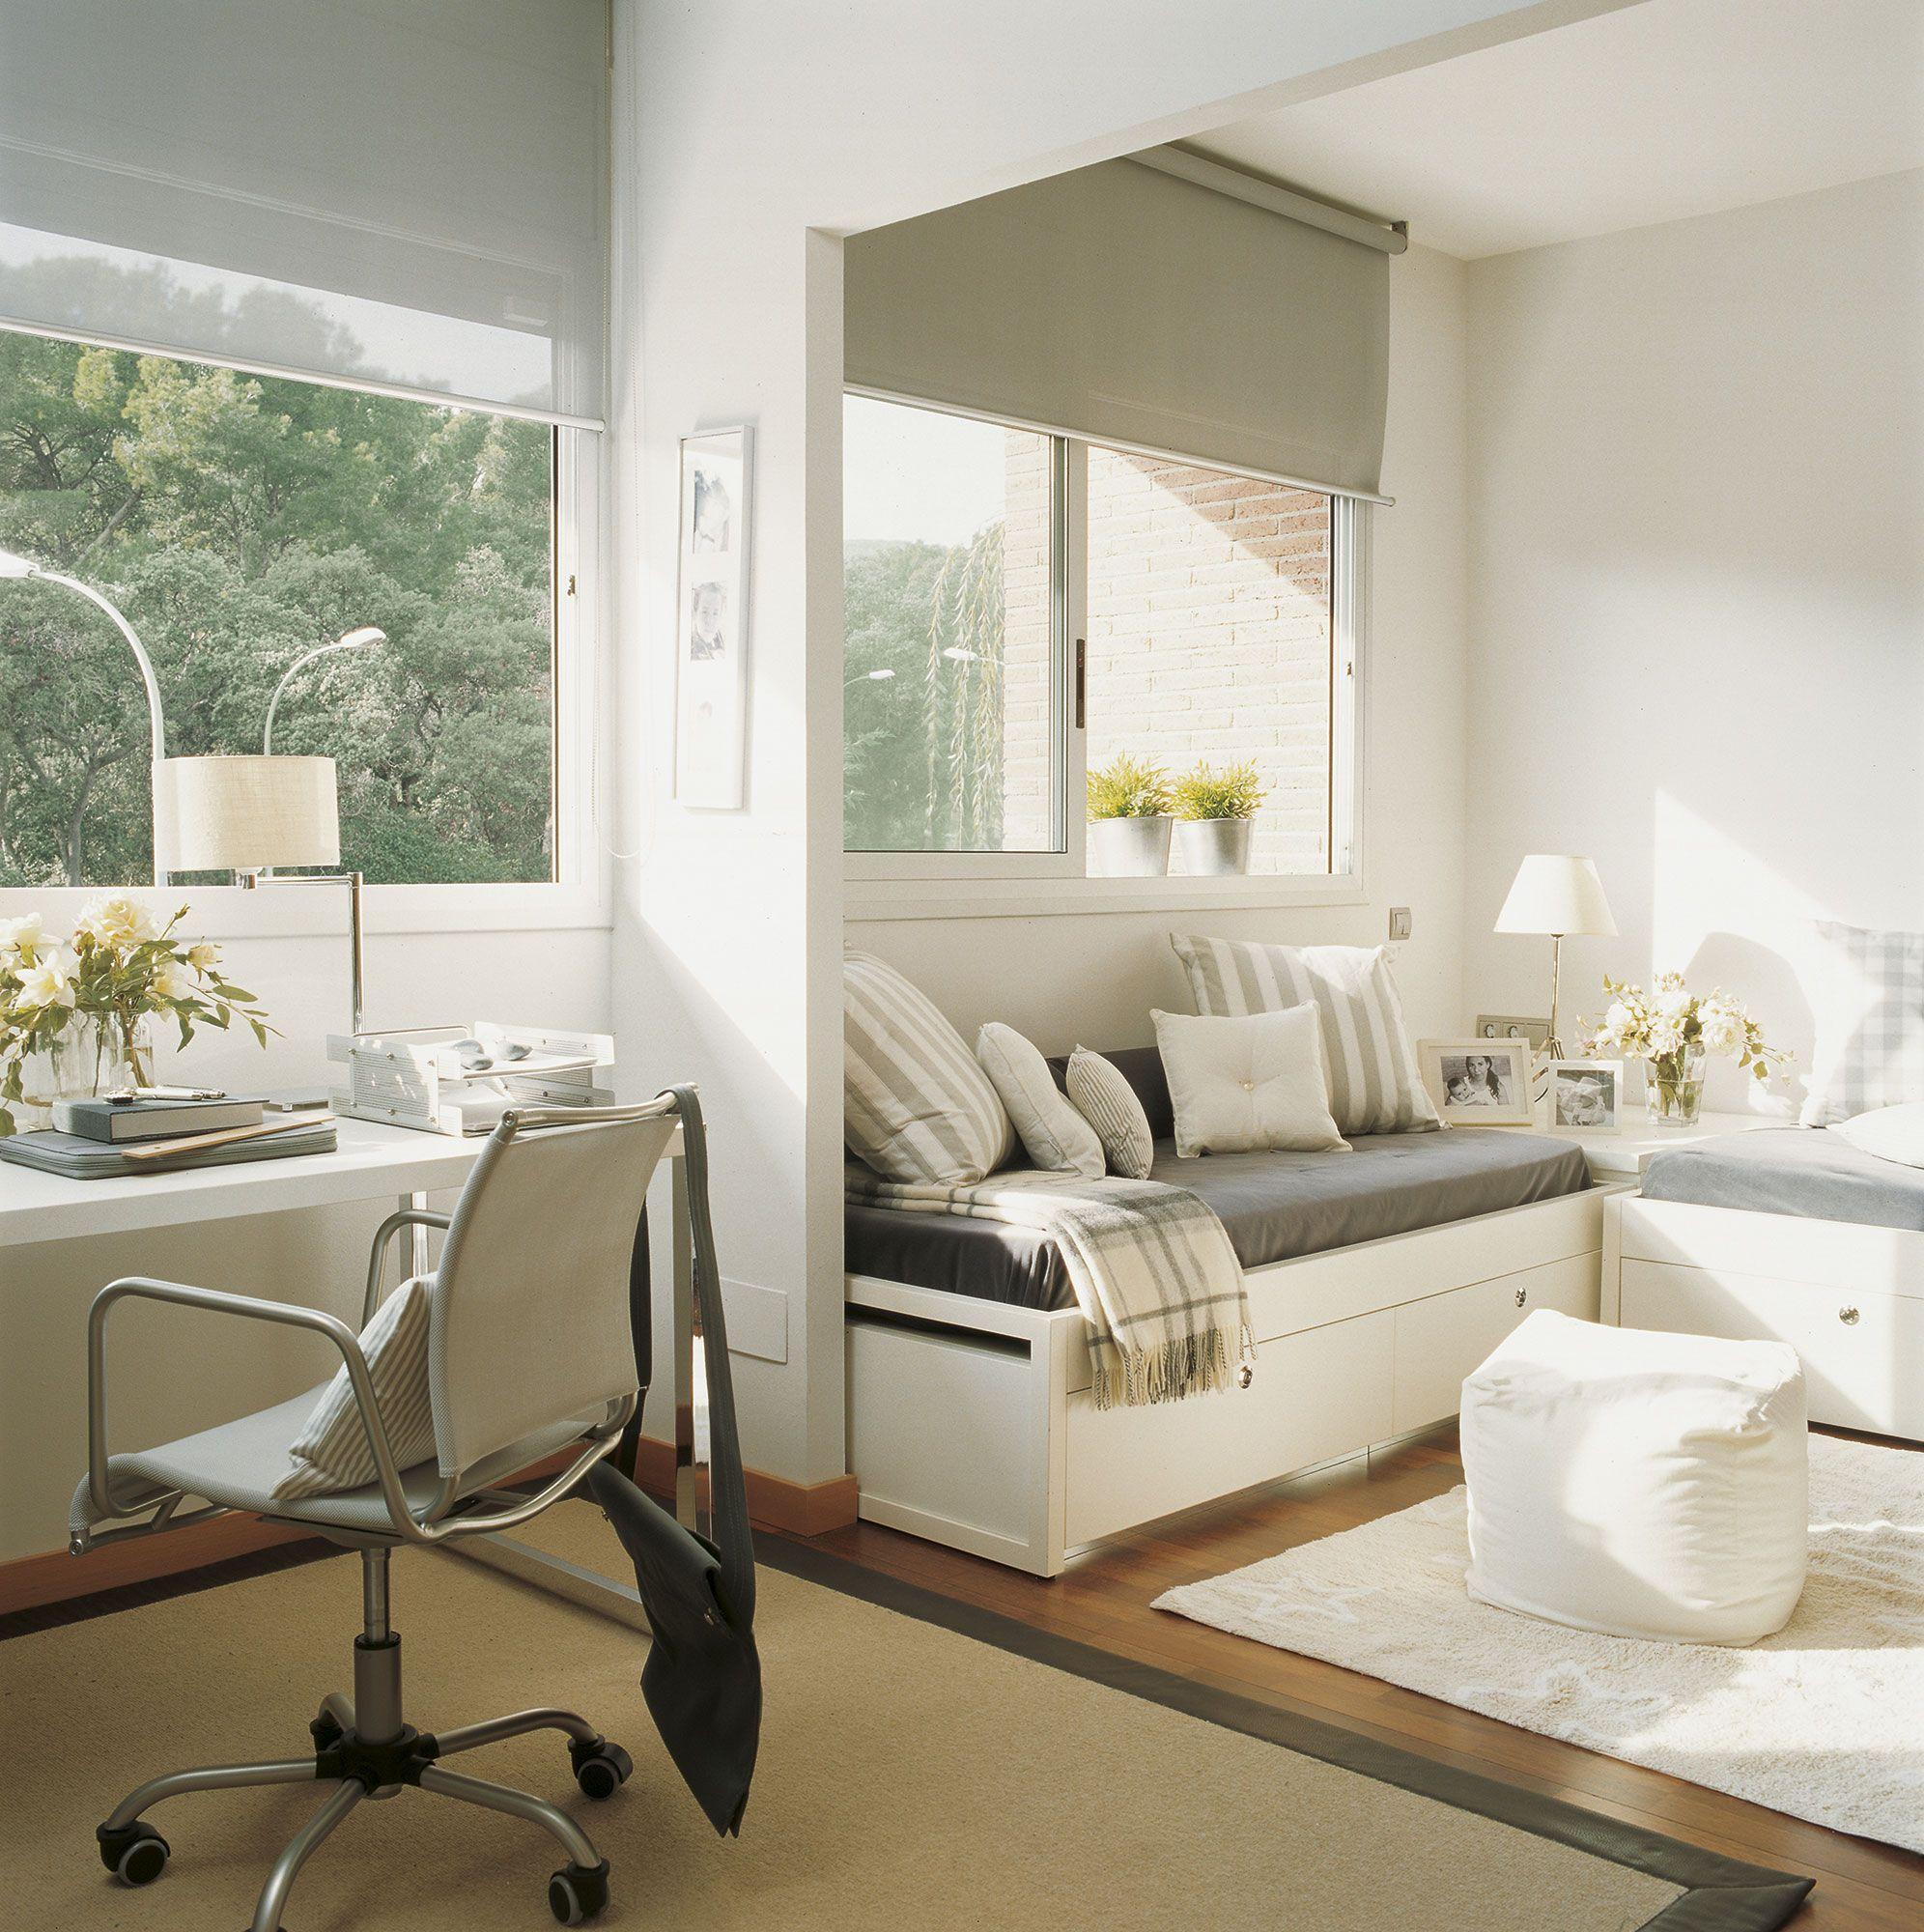 Habitaci n juvenil con dos camas y una zona de estudio - Ideas para decorar un dormitorio juvenil ...